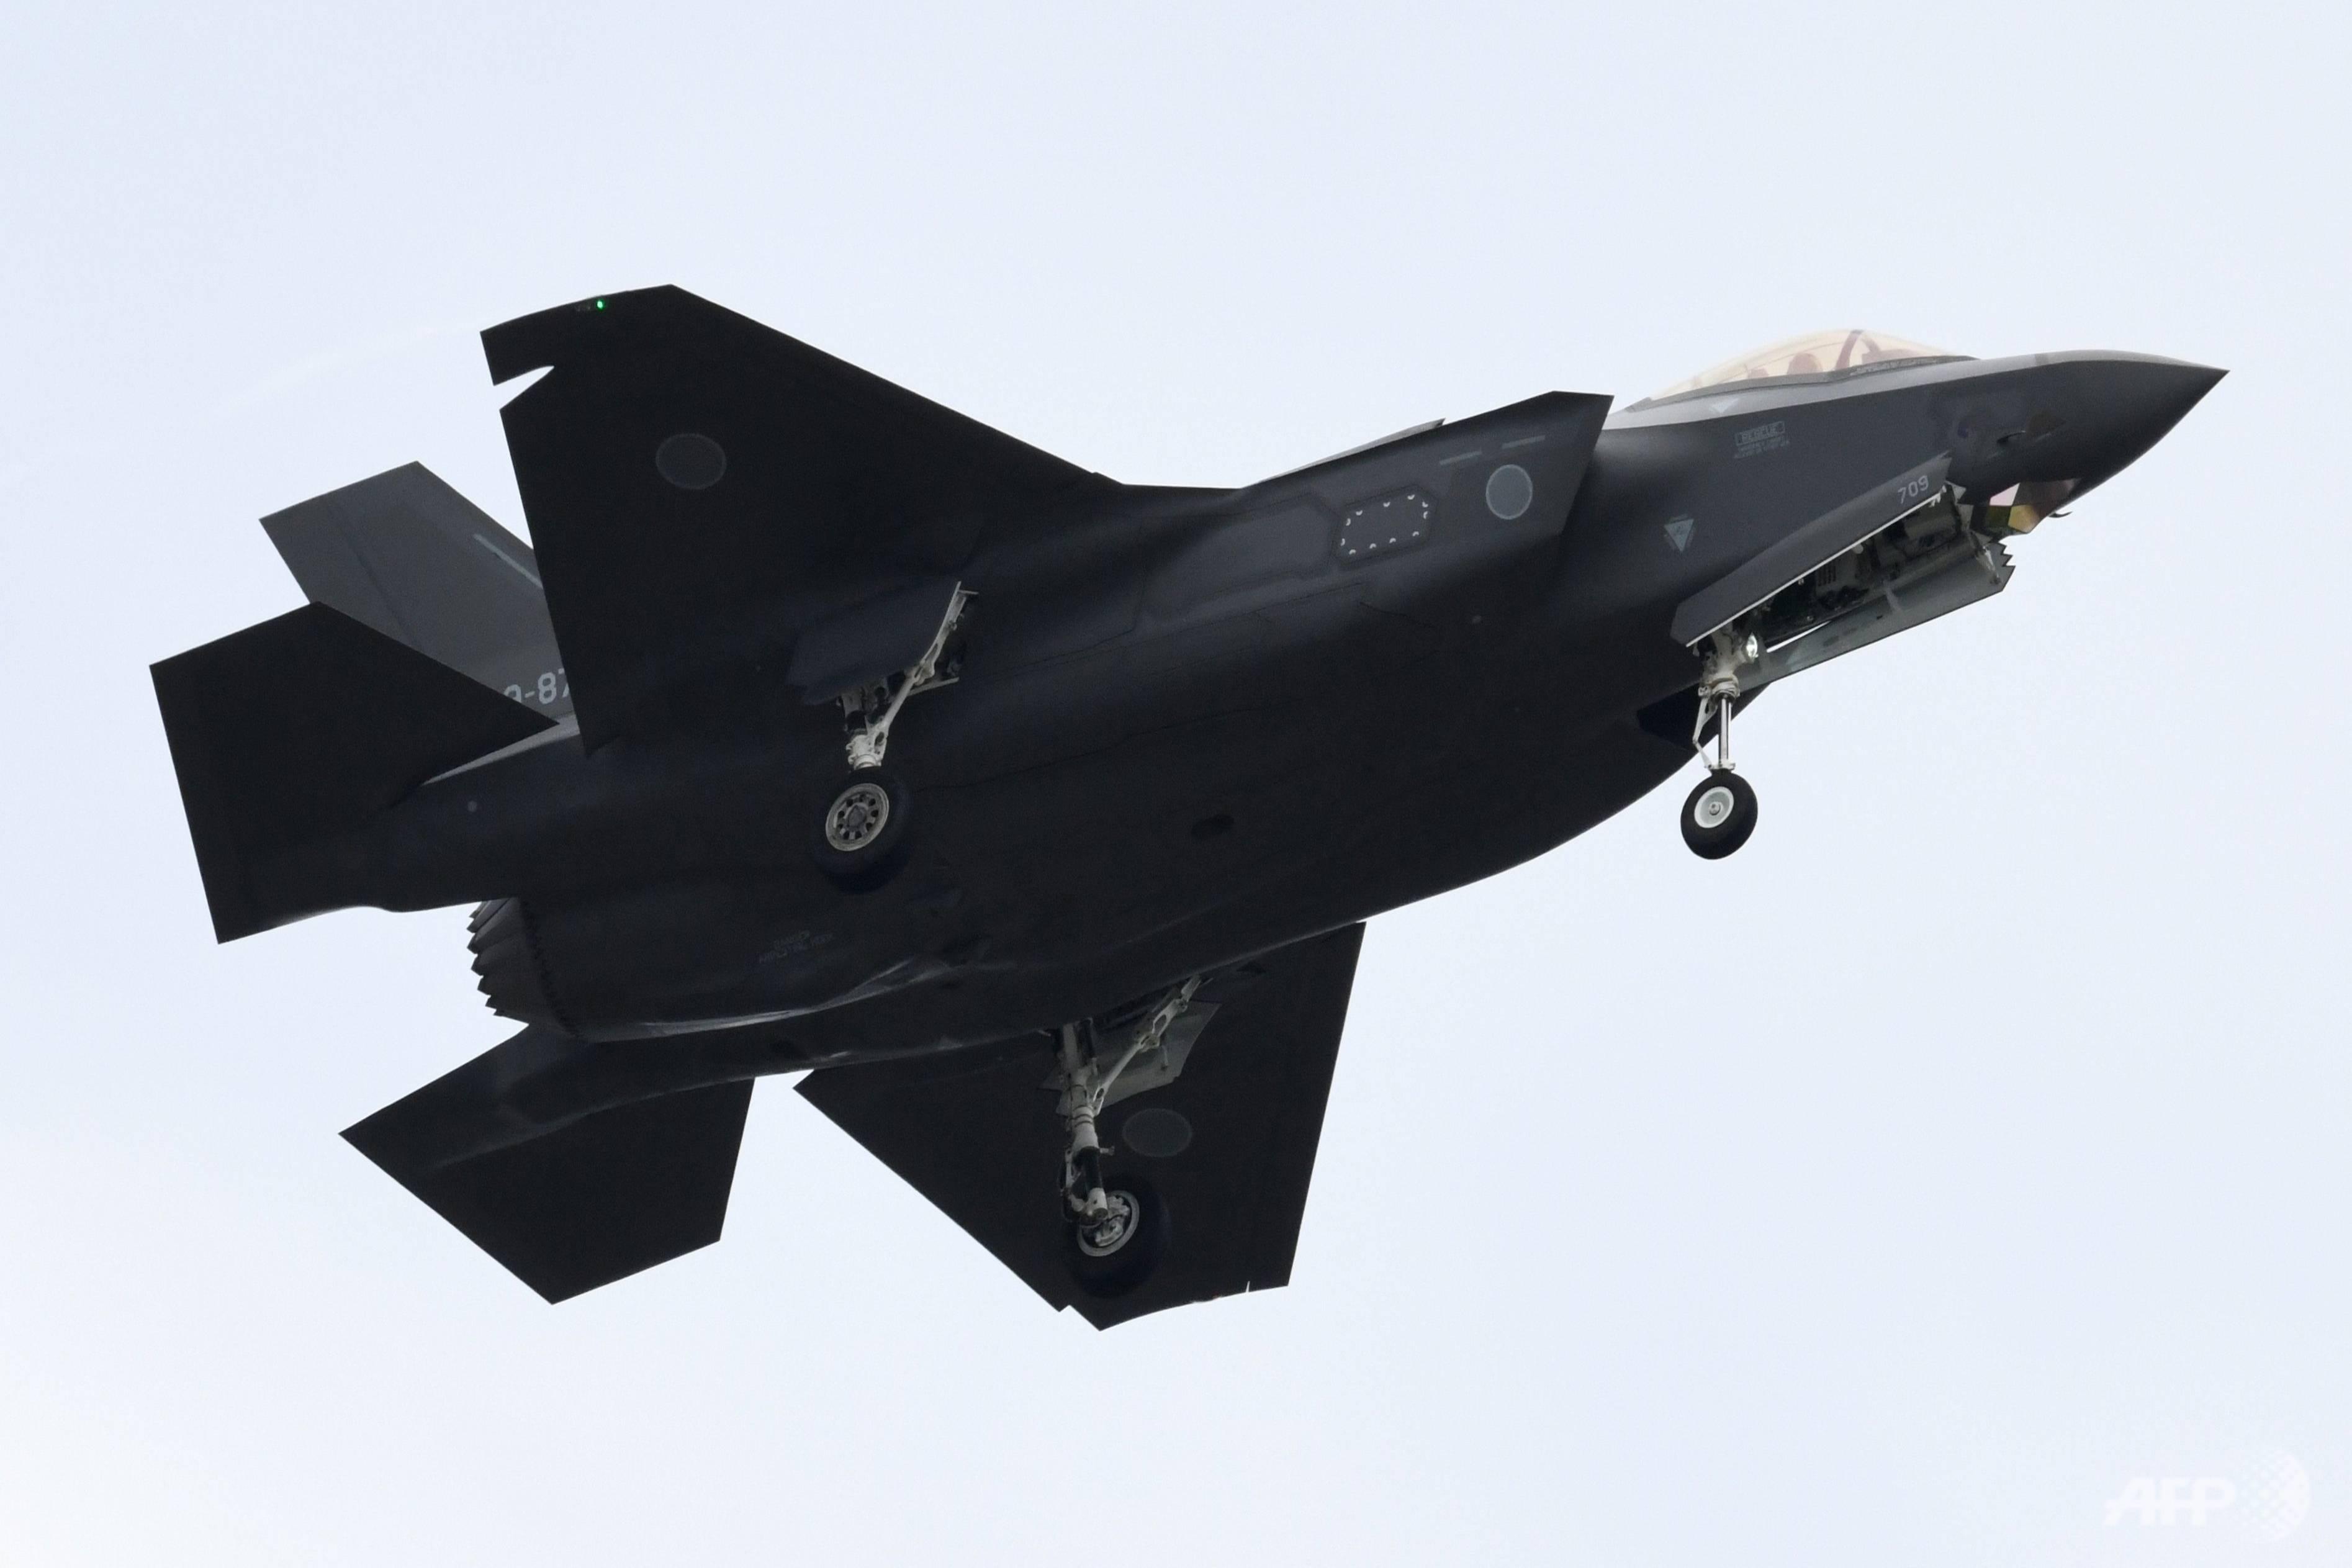 日本F-35沉入1500米海底 打捞调查或要花费数年